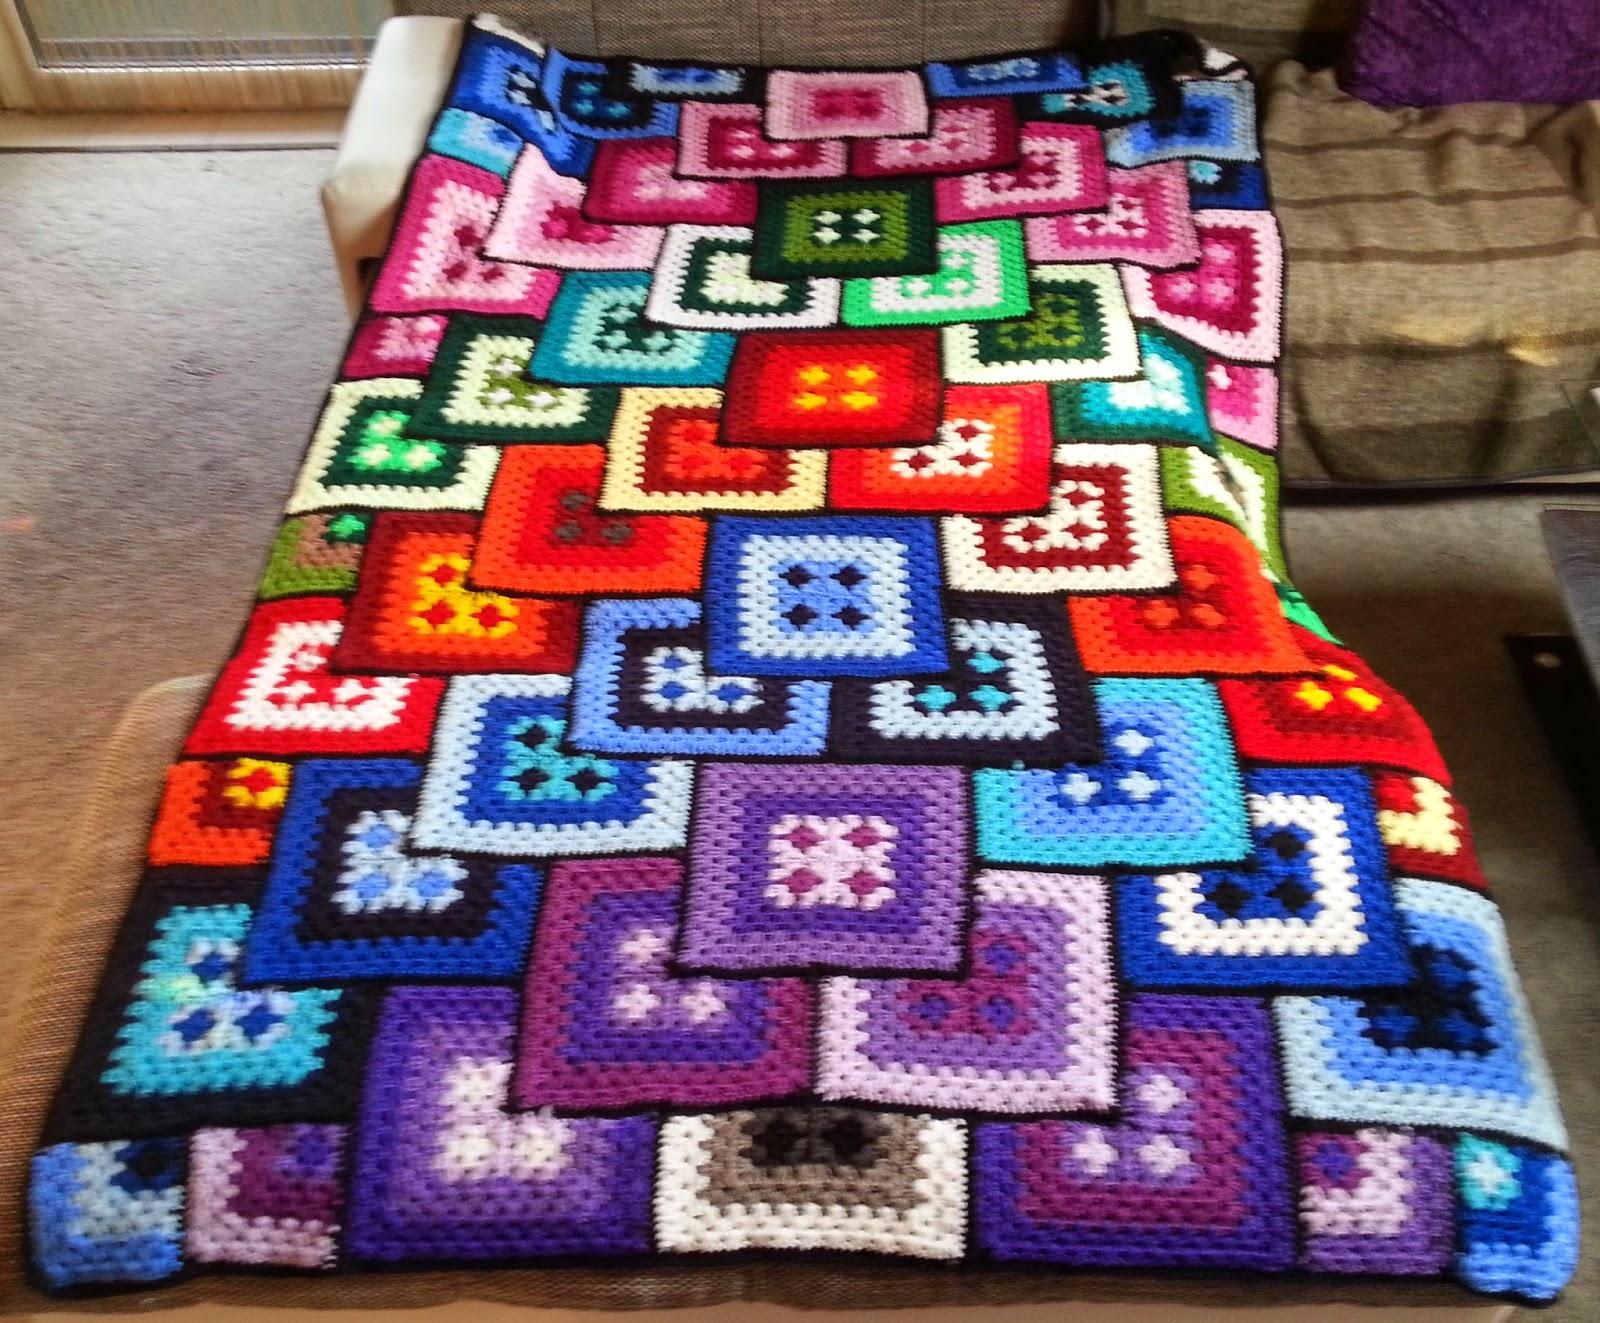 H kelfieber austria patchwork granny decke - Patchwork modele gratuit dessus de lit ...